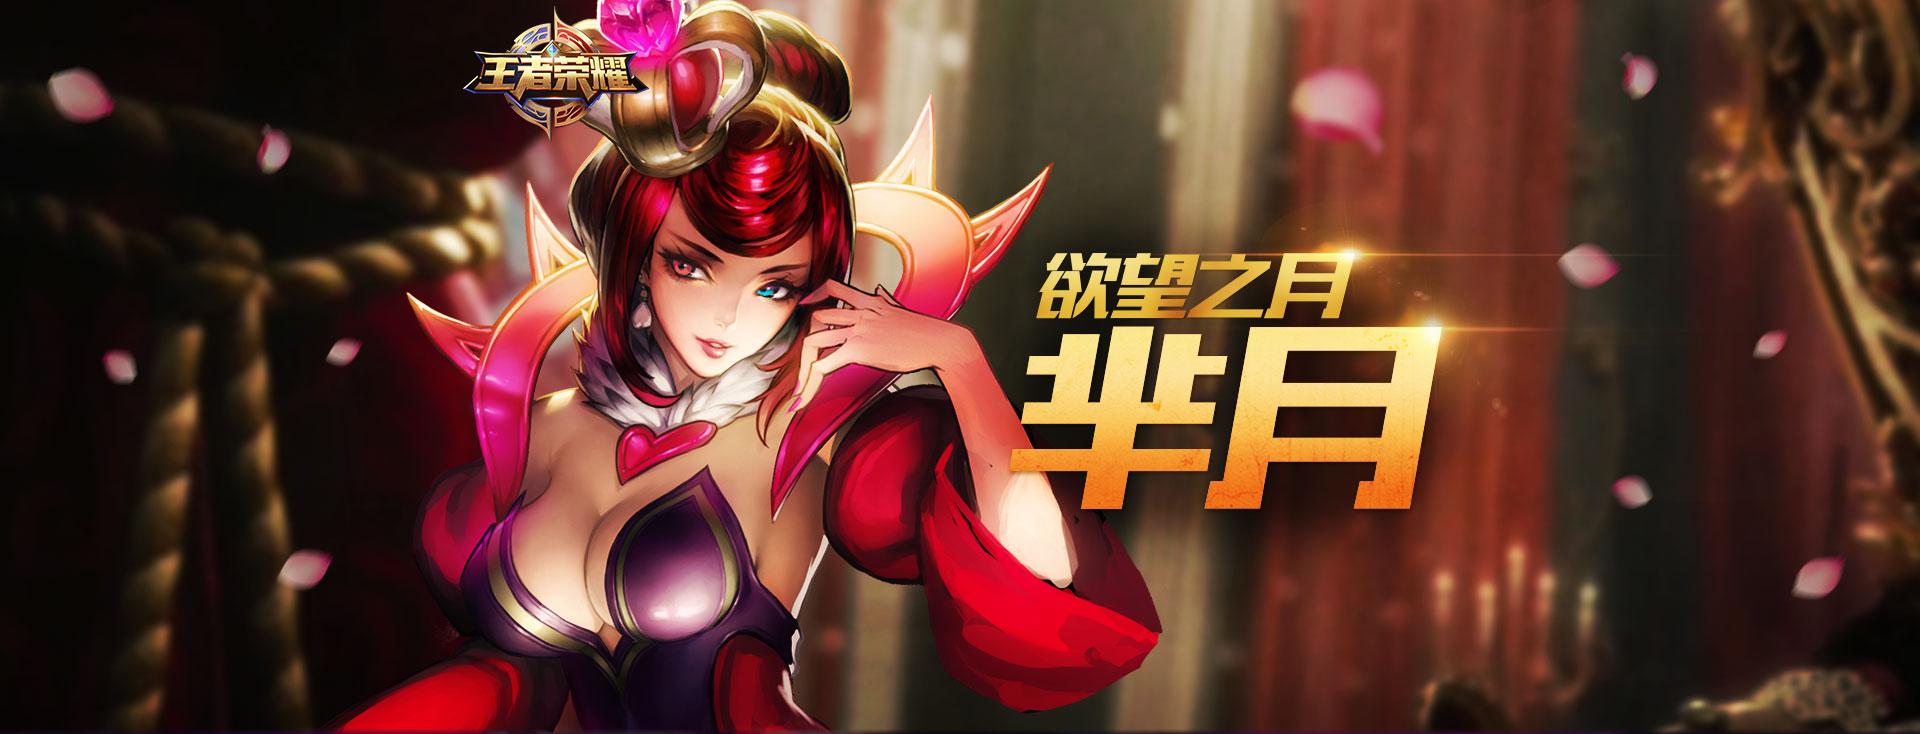 第2弹《王者荣耀英雄皮肤CG》竞技游戏106